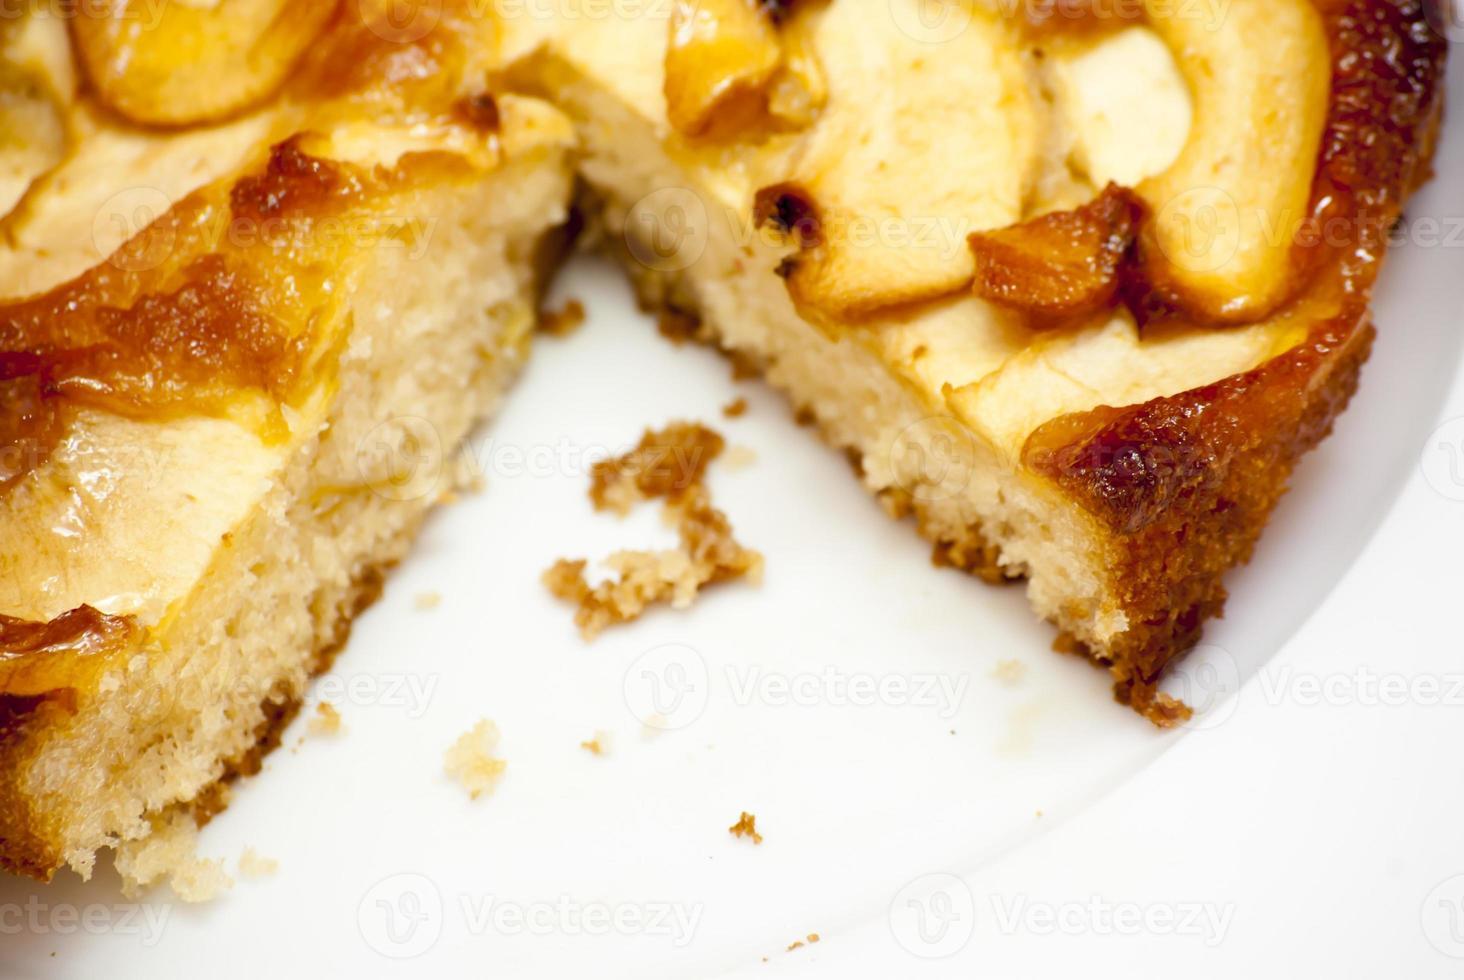 Apfelkuchen auf einem weißen Teller foto